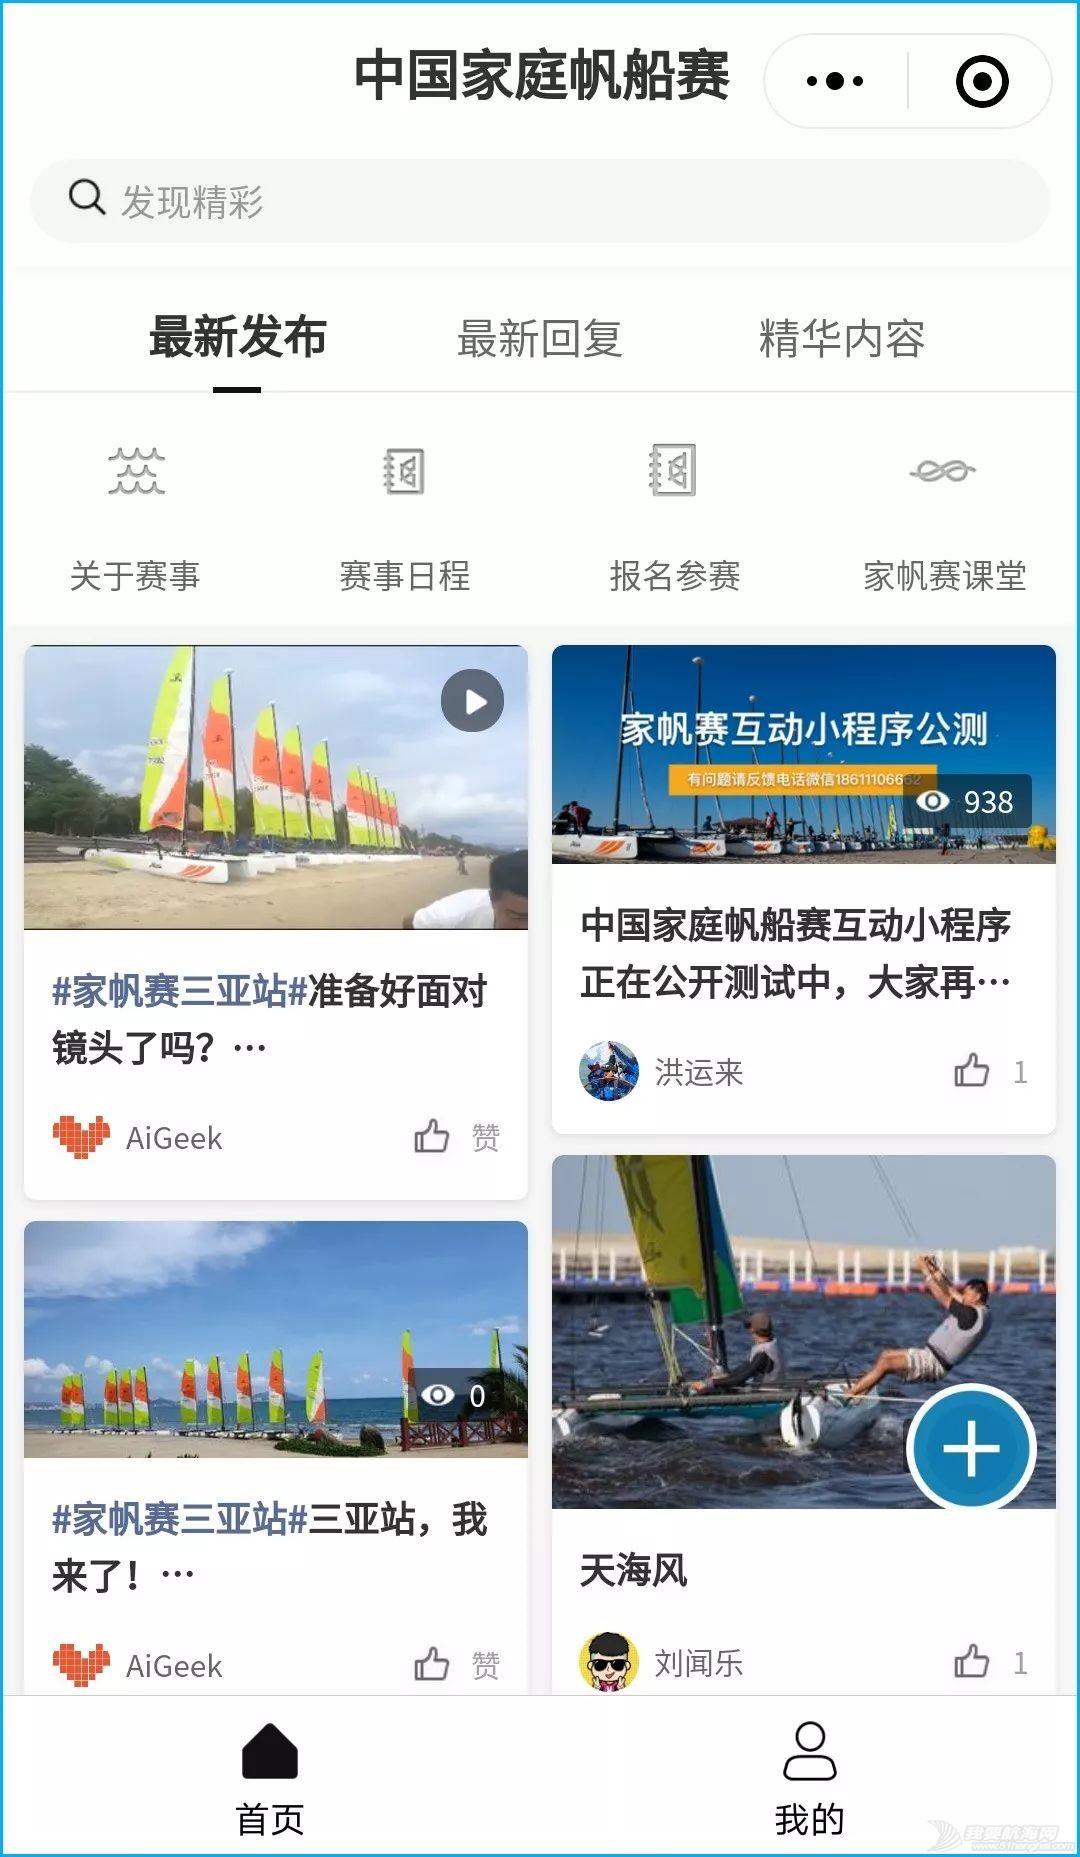 2019中国家庭帆船赛三亚站来了 三招带你玩转家帆赛官方互动小程序w5.jpg